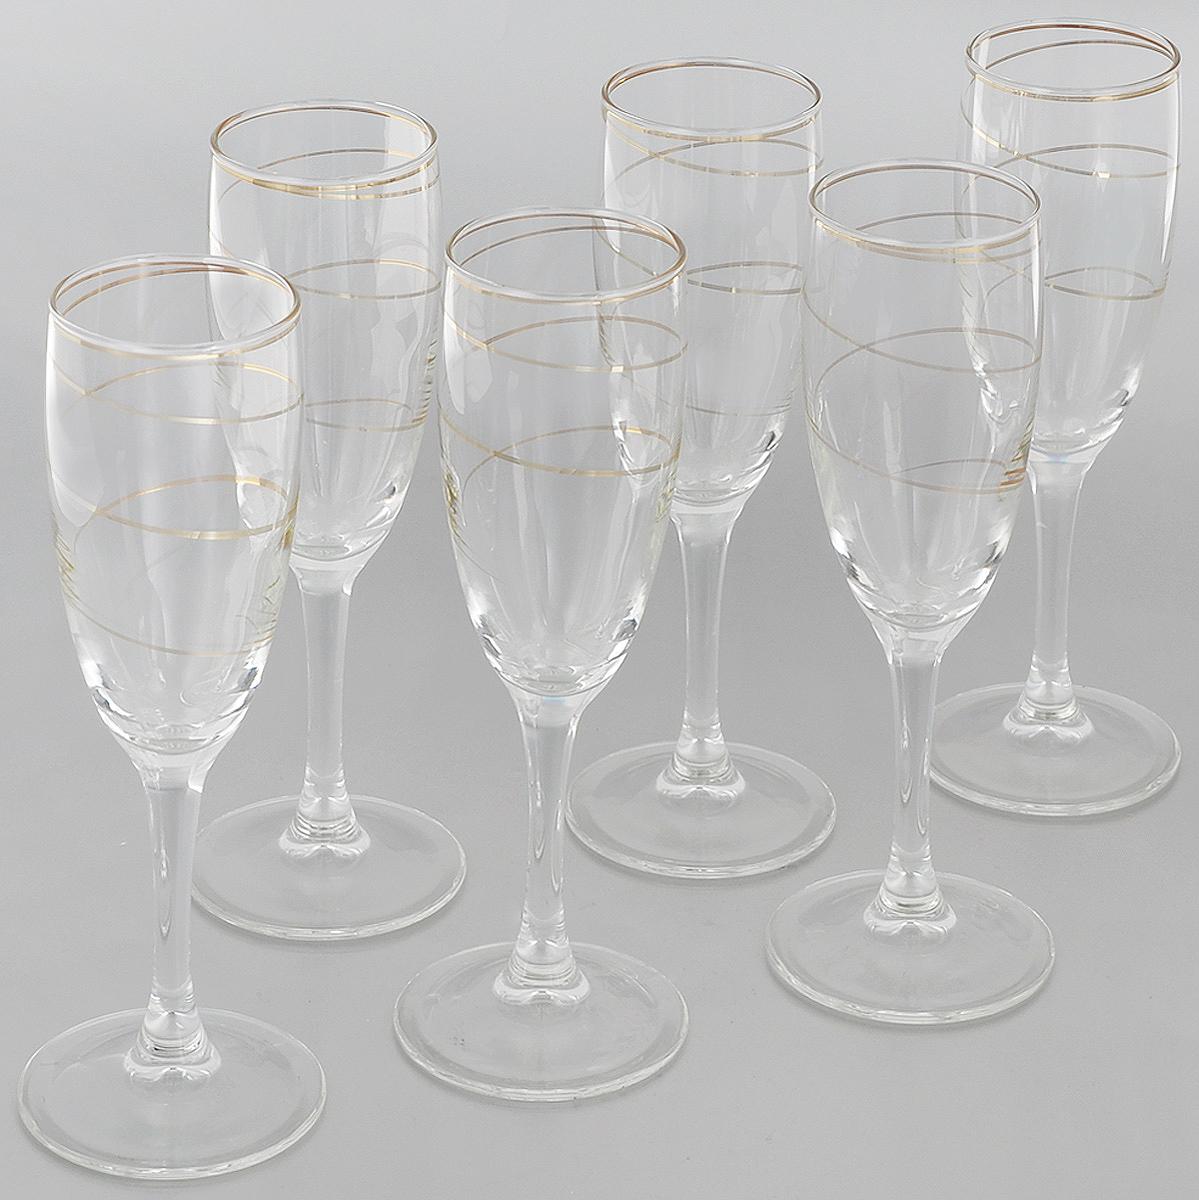 Набор бокалов Гусь-Хрустальный Змейка, 170 мл, 6 штD29-1687Набор Гусь-Хрустальный Змейка состоит из 6 бокалов на длинных тонких ножках, изготовленных из высококачественного натрий-кальций-силикатного стекла. Изделия оформлены красивым золотистым орнаментом. Бокалы предназначены для шампанского или вина. Такой набор прекрасно дополнит праздничный стол и станет желанным подарком в любом доме. Разрешается мыть в посудомоечной машине. Диаметр бокала (по верхнему краю): 5 см. Высота бокала: 20 см.